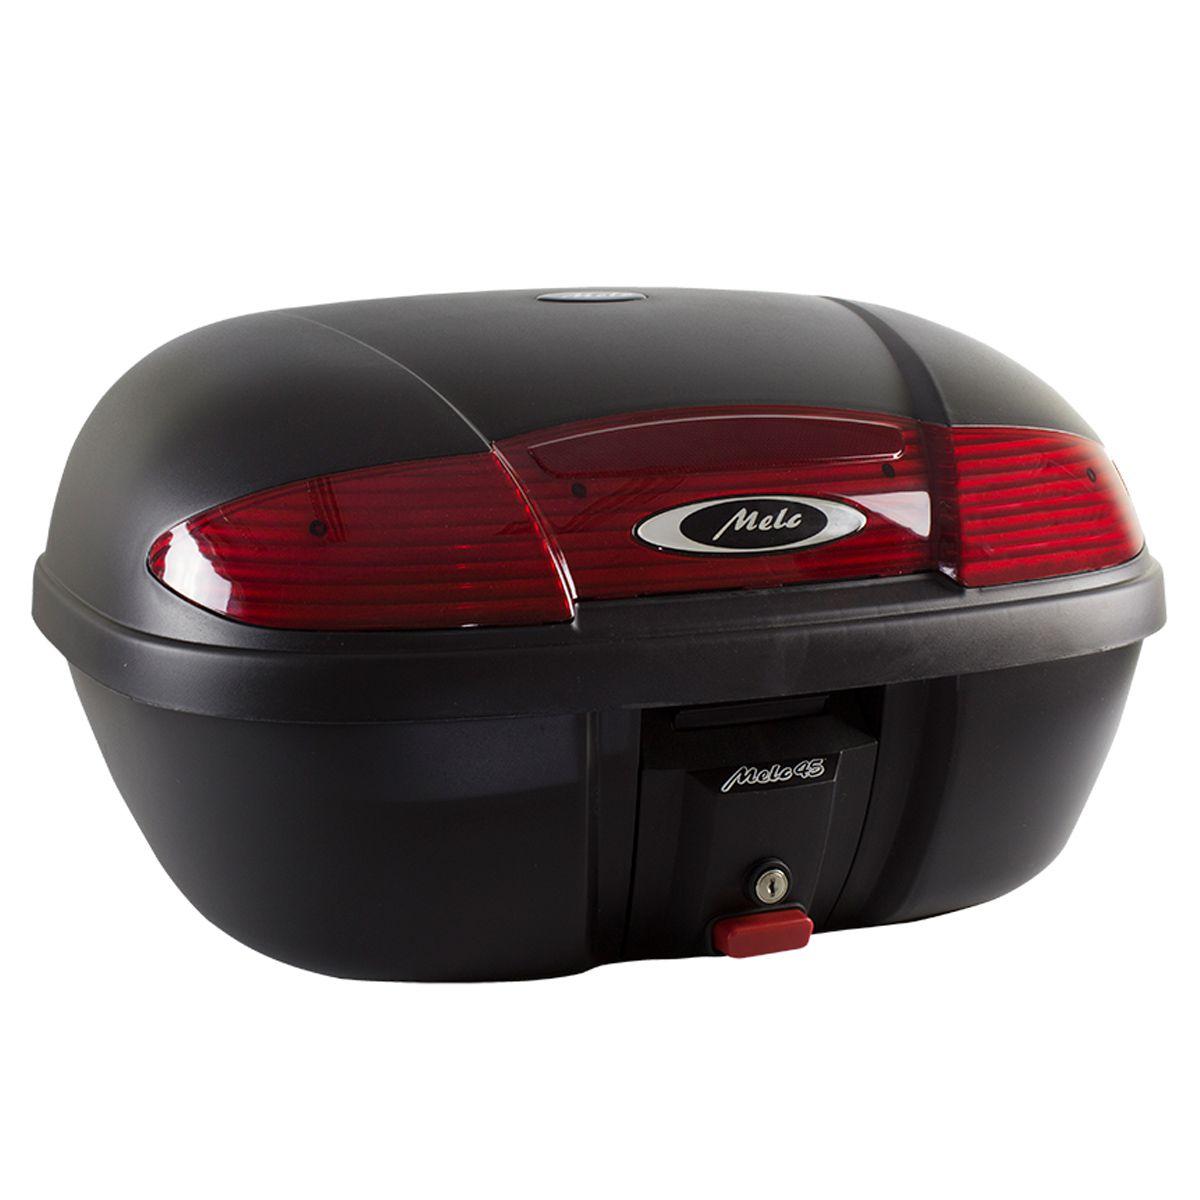 Bauleto / Baú Traseiro / Top Case Modelo MELC 45 Litros - Universal